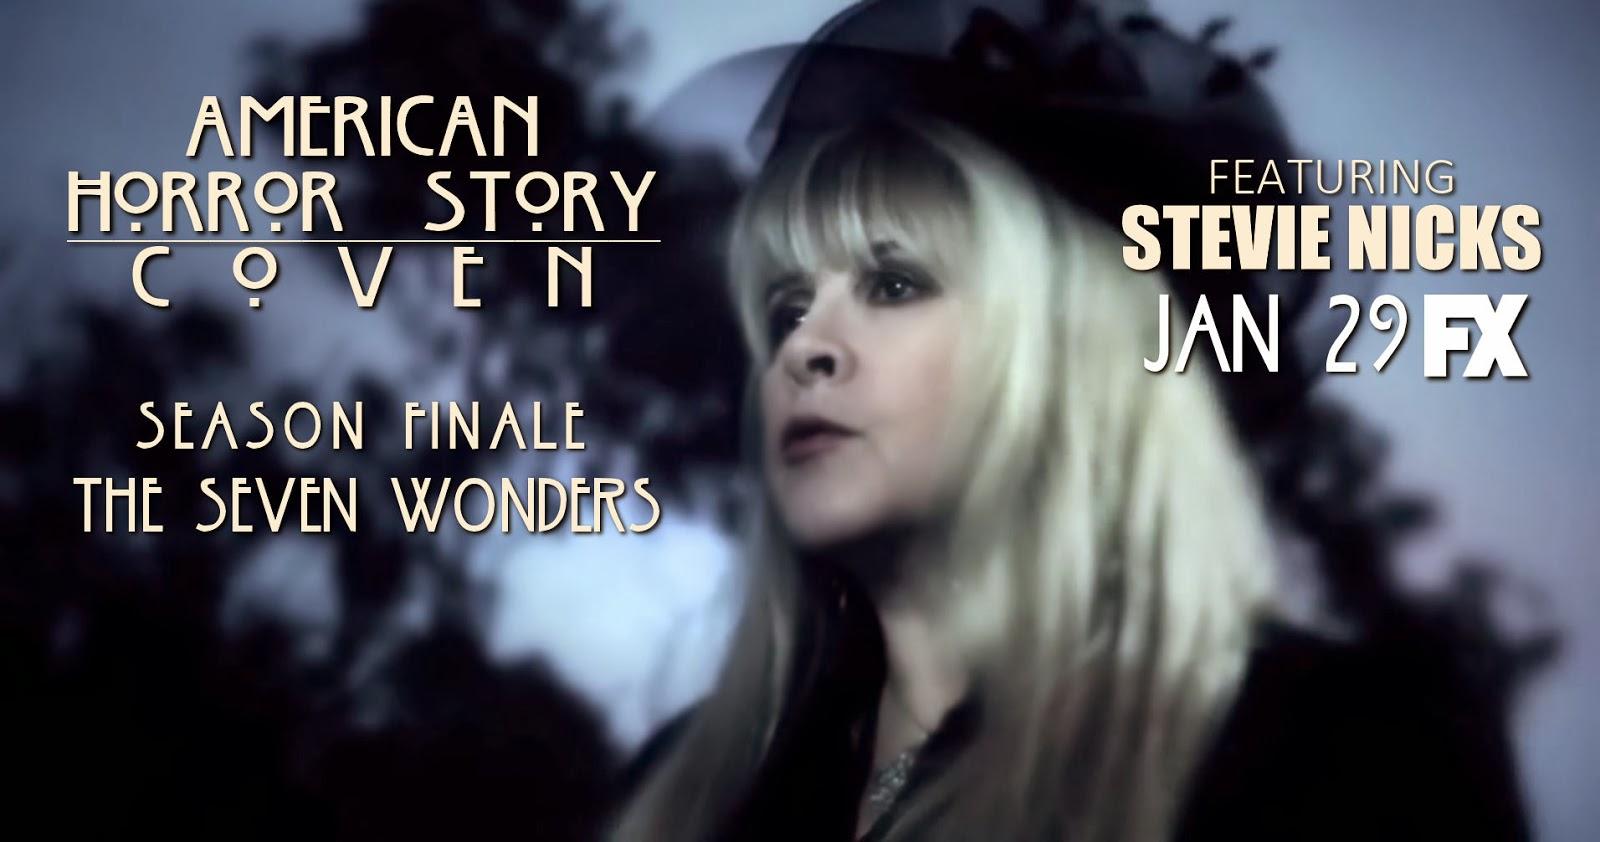 Fleetwood mac news ep 2 13 recap american horror story coven quot get